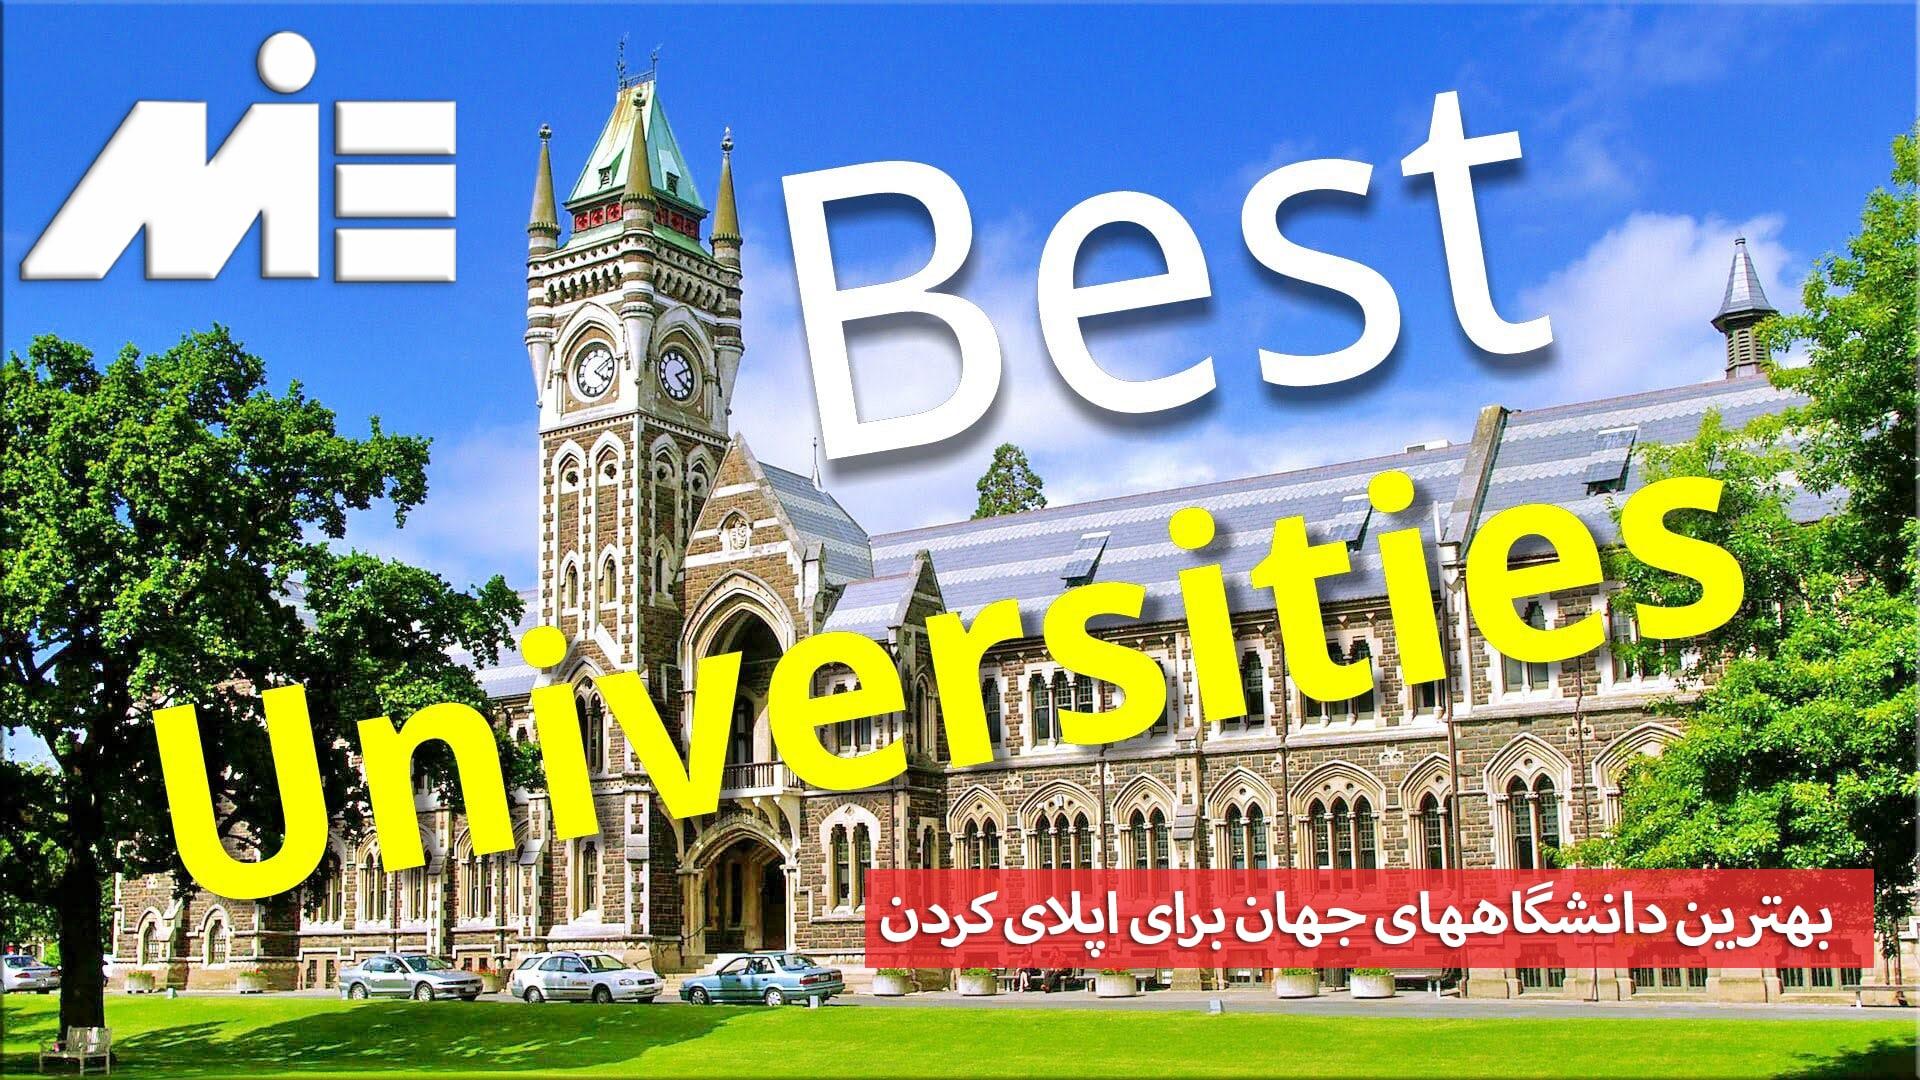 بهترین دانشگاههای جهان - بهترین دانشگاههای خارجی برای تحصیل - بهترین دانشگاهها برای اپلای